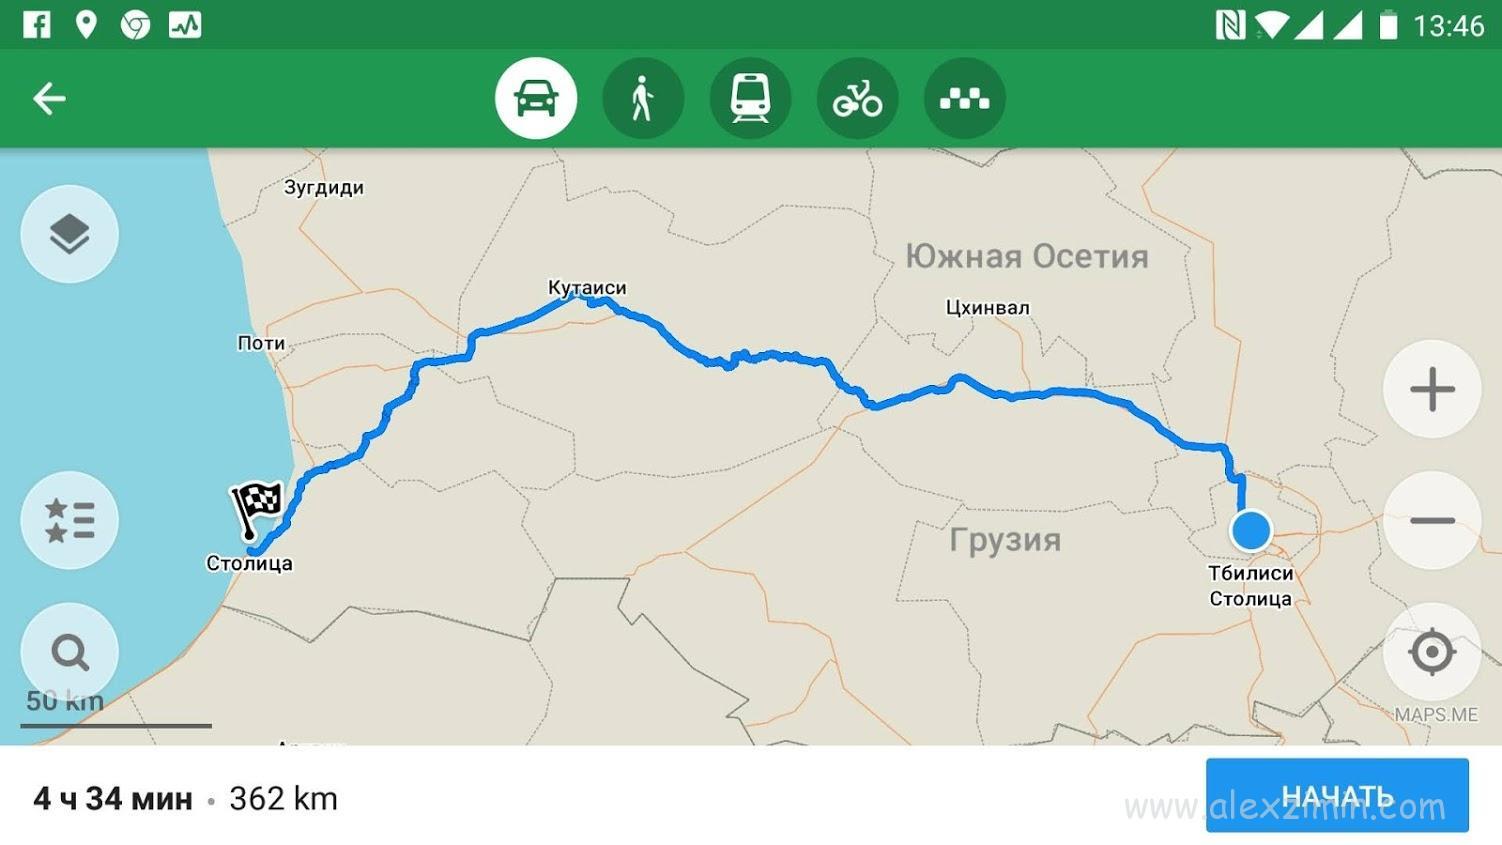 Навигационная программа maps.me для путешествия по Грузии